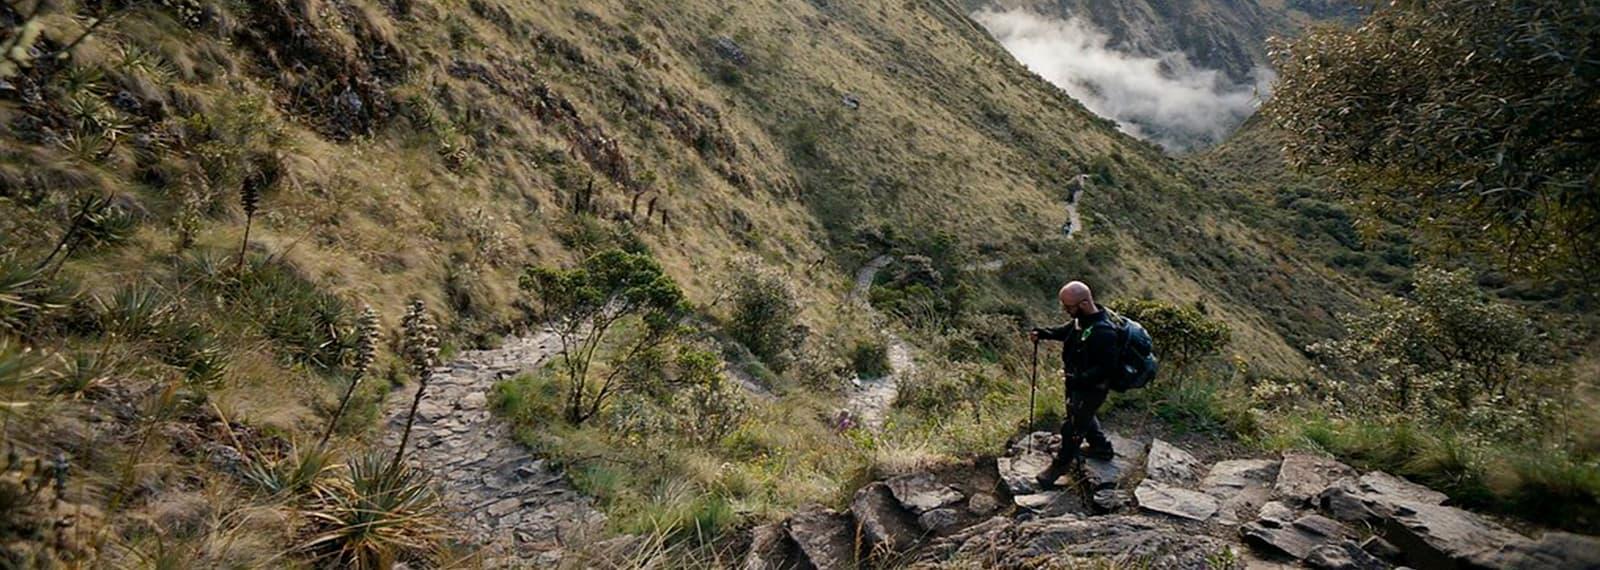 inca trail route to machu picchu